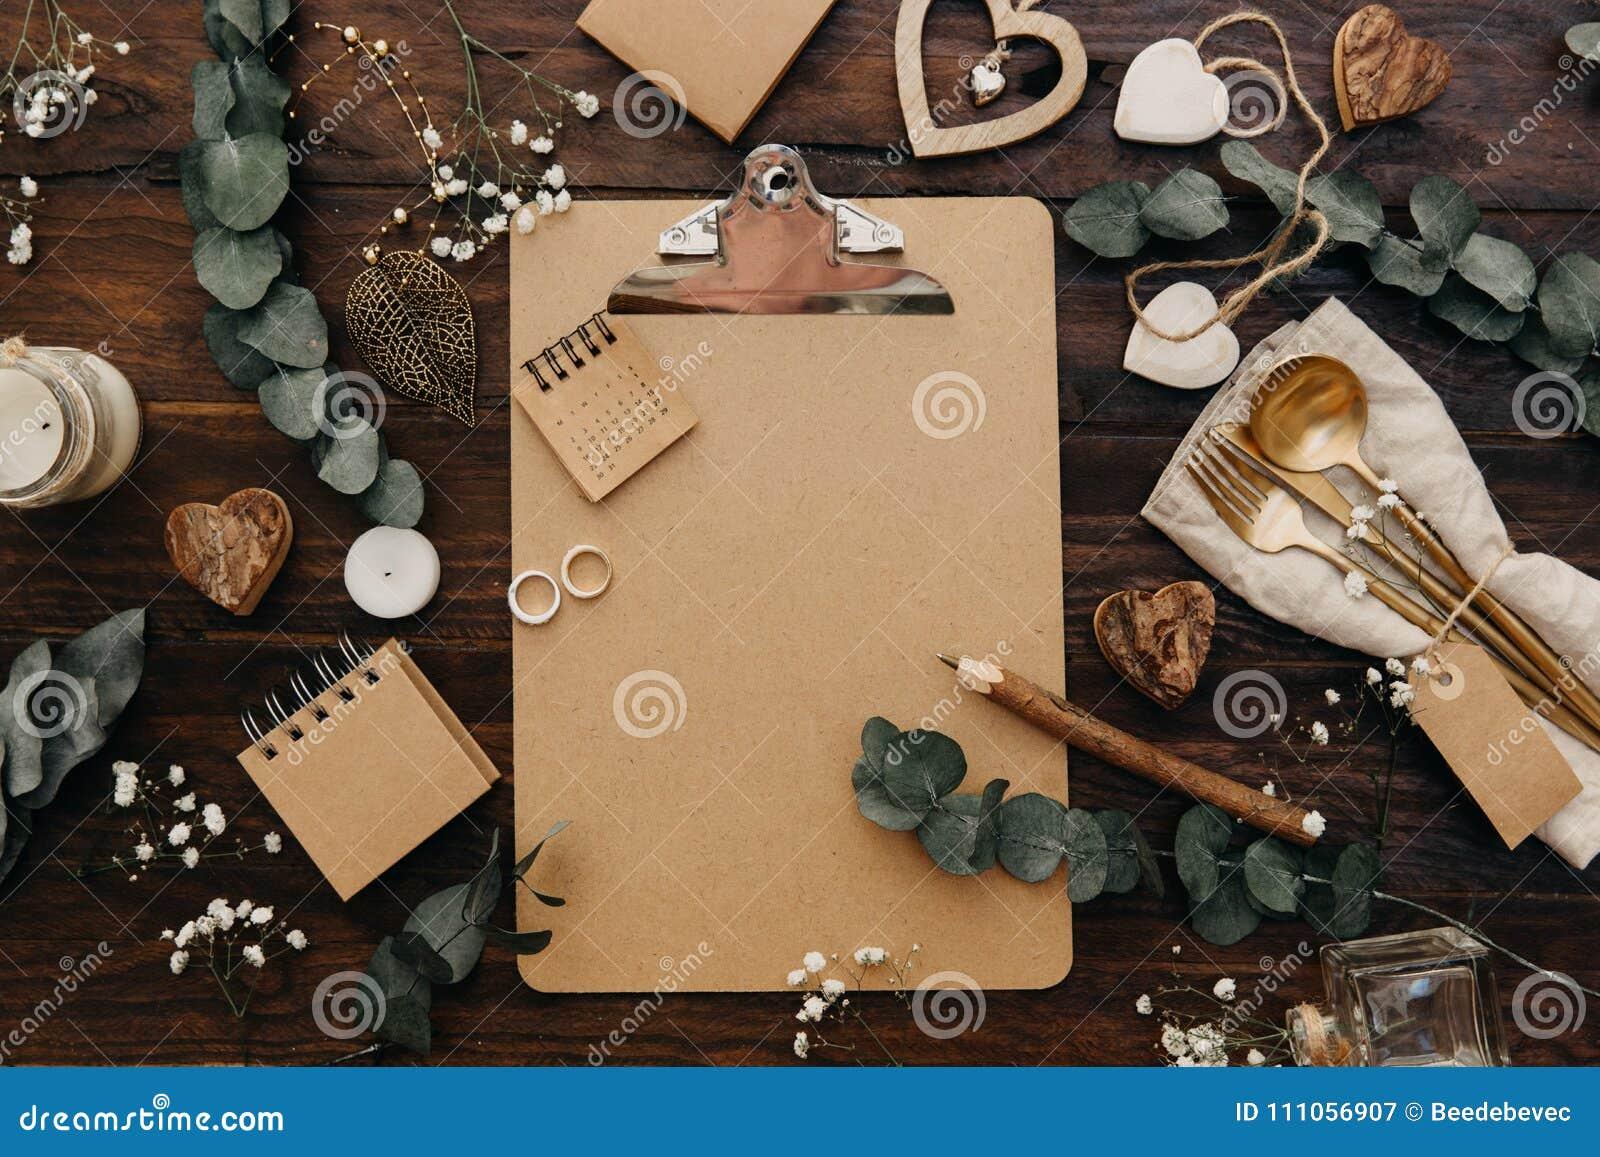 Flache Lage Hochzeitsplanung Machen Sie Klemmbrett mit rustikalen Dekorationen auf hölzernem Hintergrund in Handarbeit